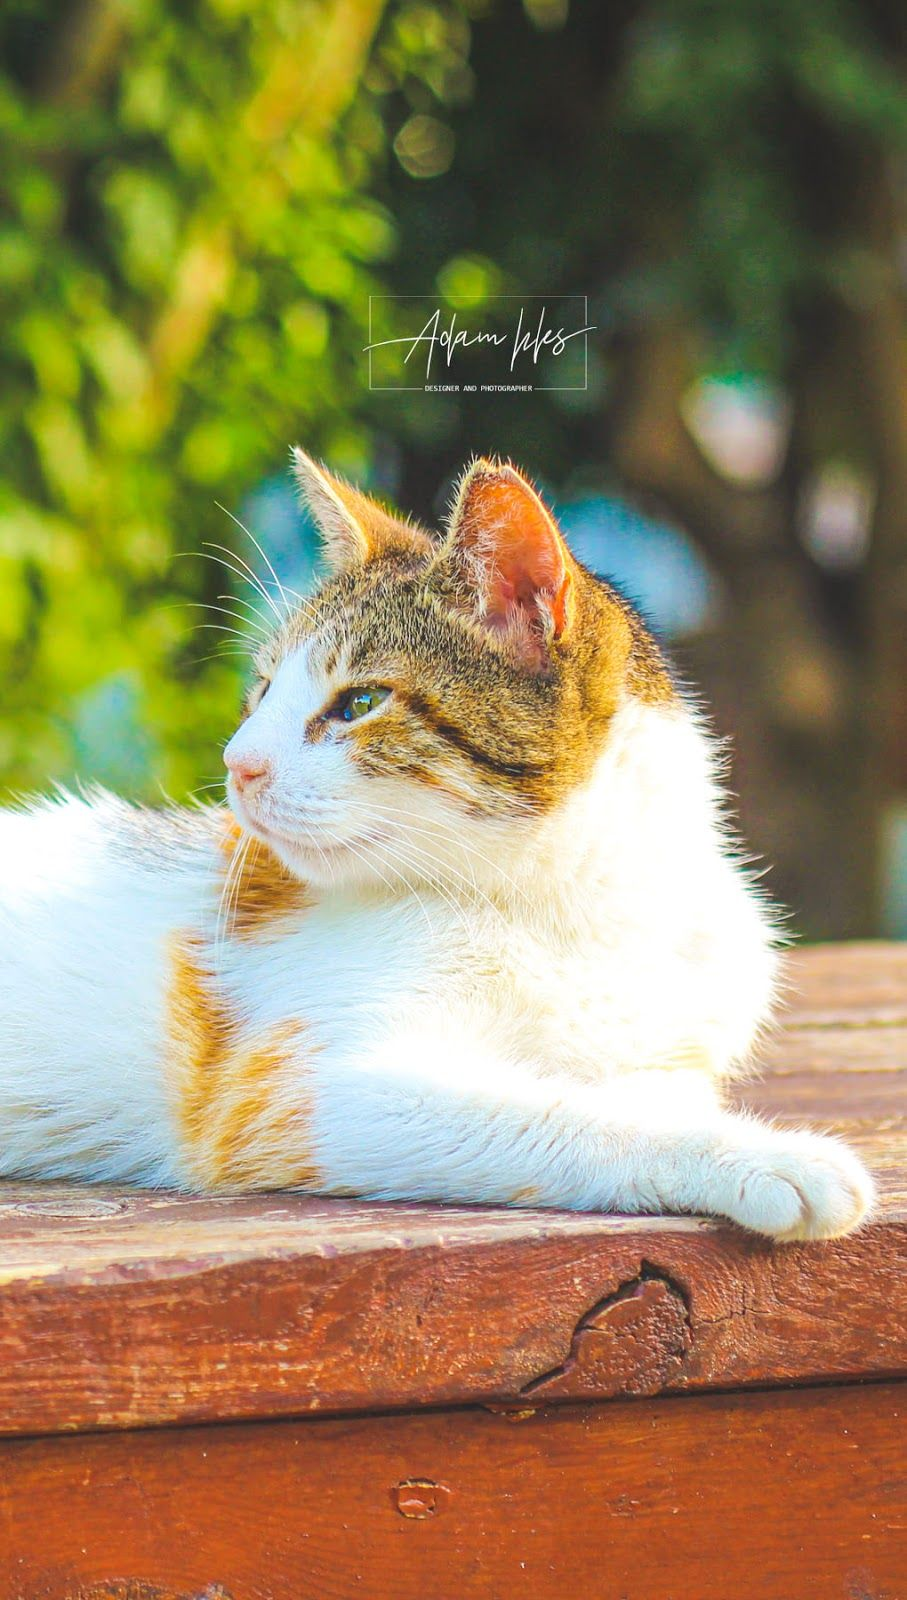 اجمل خلفية هاتف قطة رائعة خلفيات هاتف بدقة عالية طبيعة وحيوانات Cats Animals Wonder